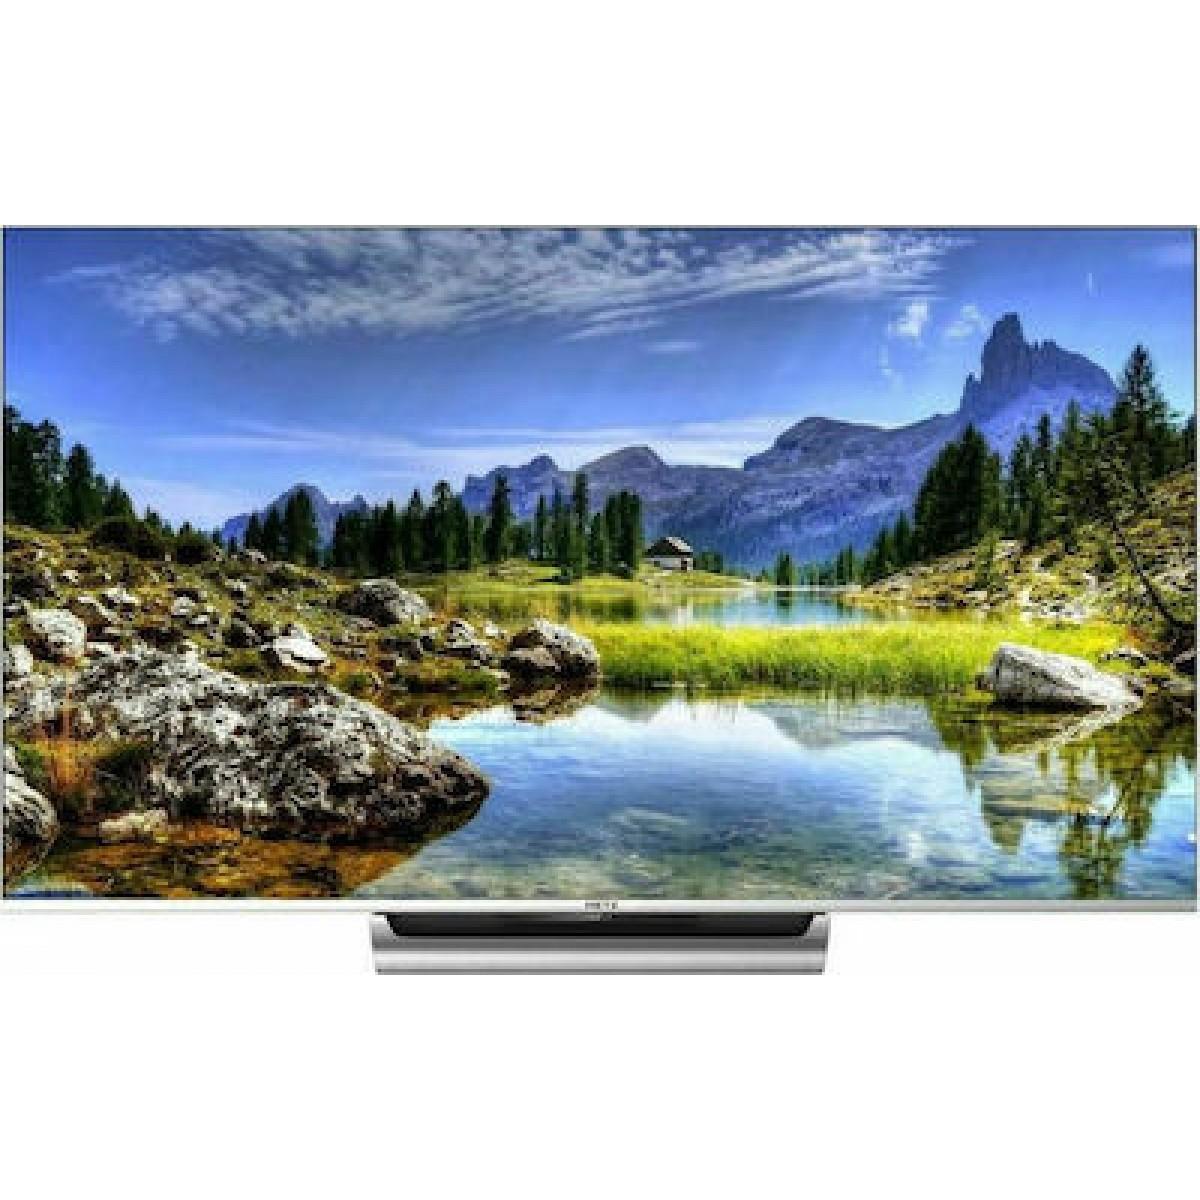 """Τηλεόραση Metz 50MUC8000Z 50"""" UHD 4K Android TV™  Τηλεοράσεις"""